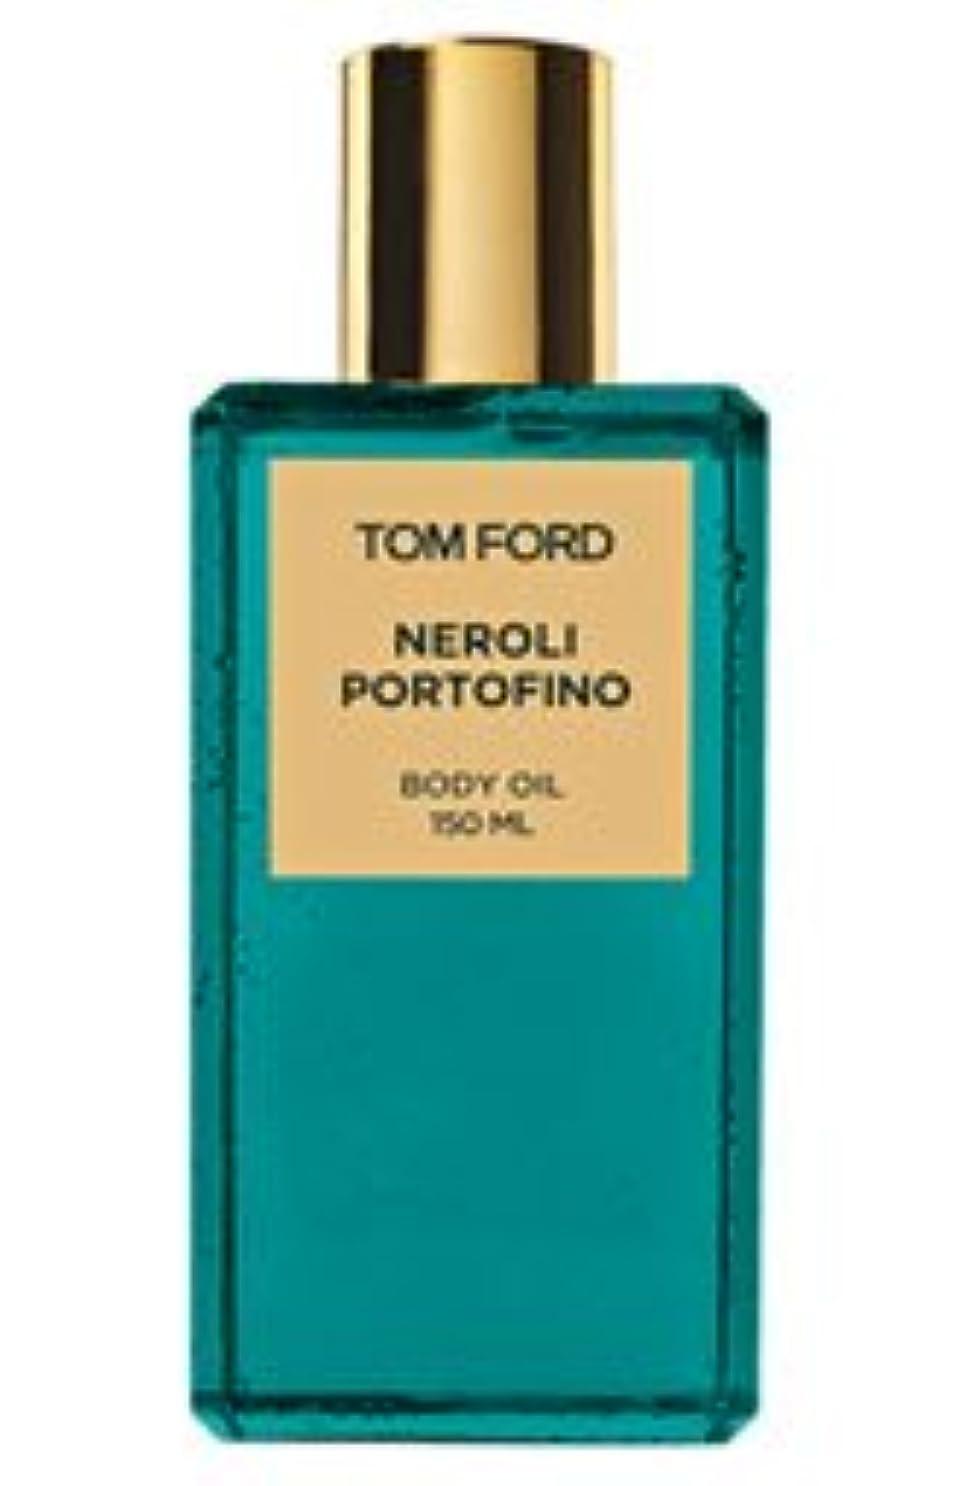 キャリッジ資格情報ぴったりTom Ford Private Blend 'Neroli Portofino' (トムフォード プライベートブレンド ネロリポートフィーノ) 5.0 oz (150ml) Body Oil for Unisex